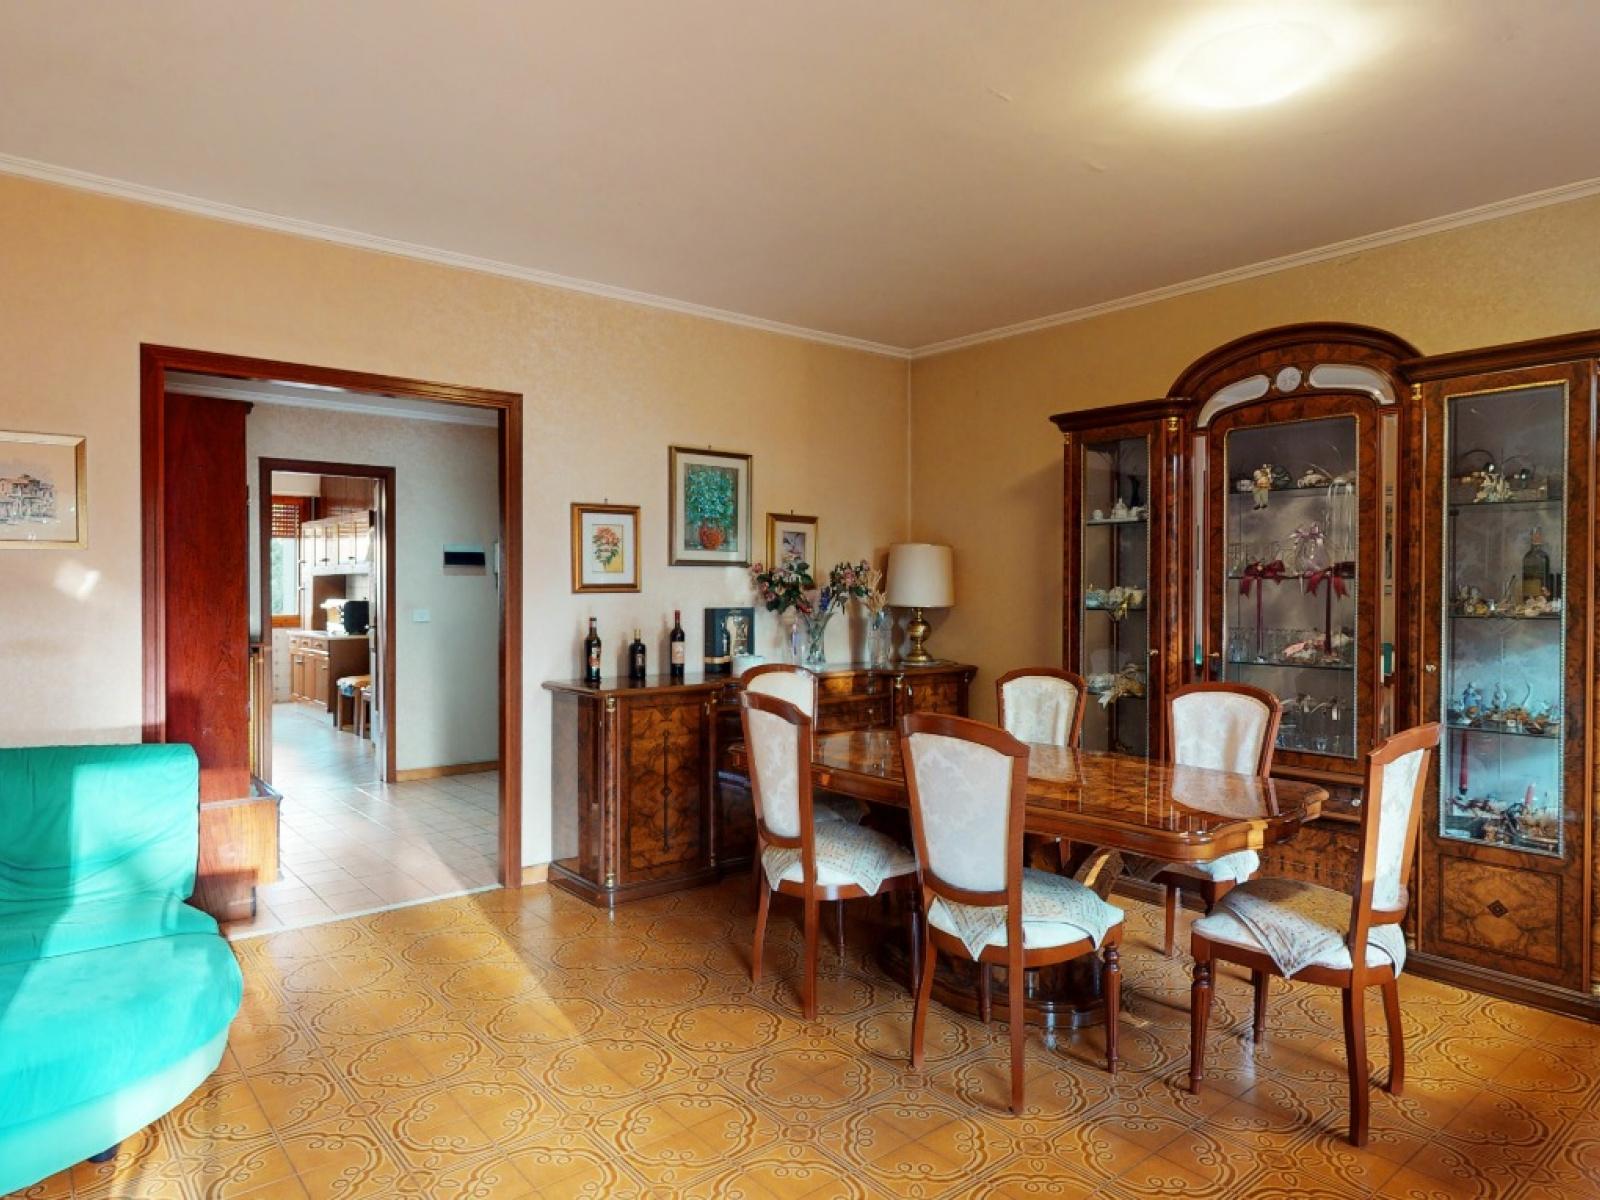 In vendita Quadrilocale Zona Laurentina Montagnola Roma   Salone e sala da pranzo